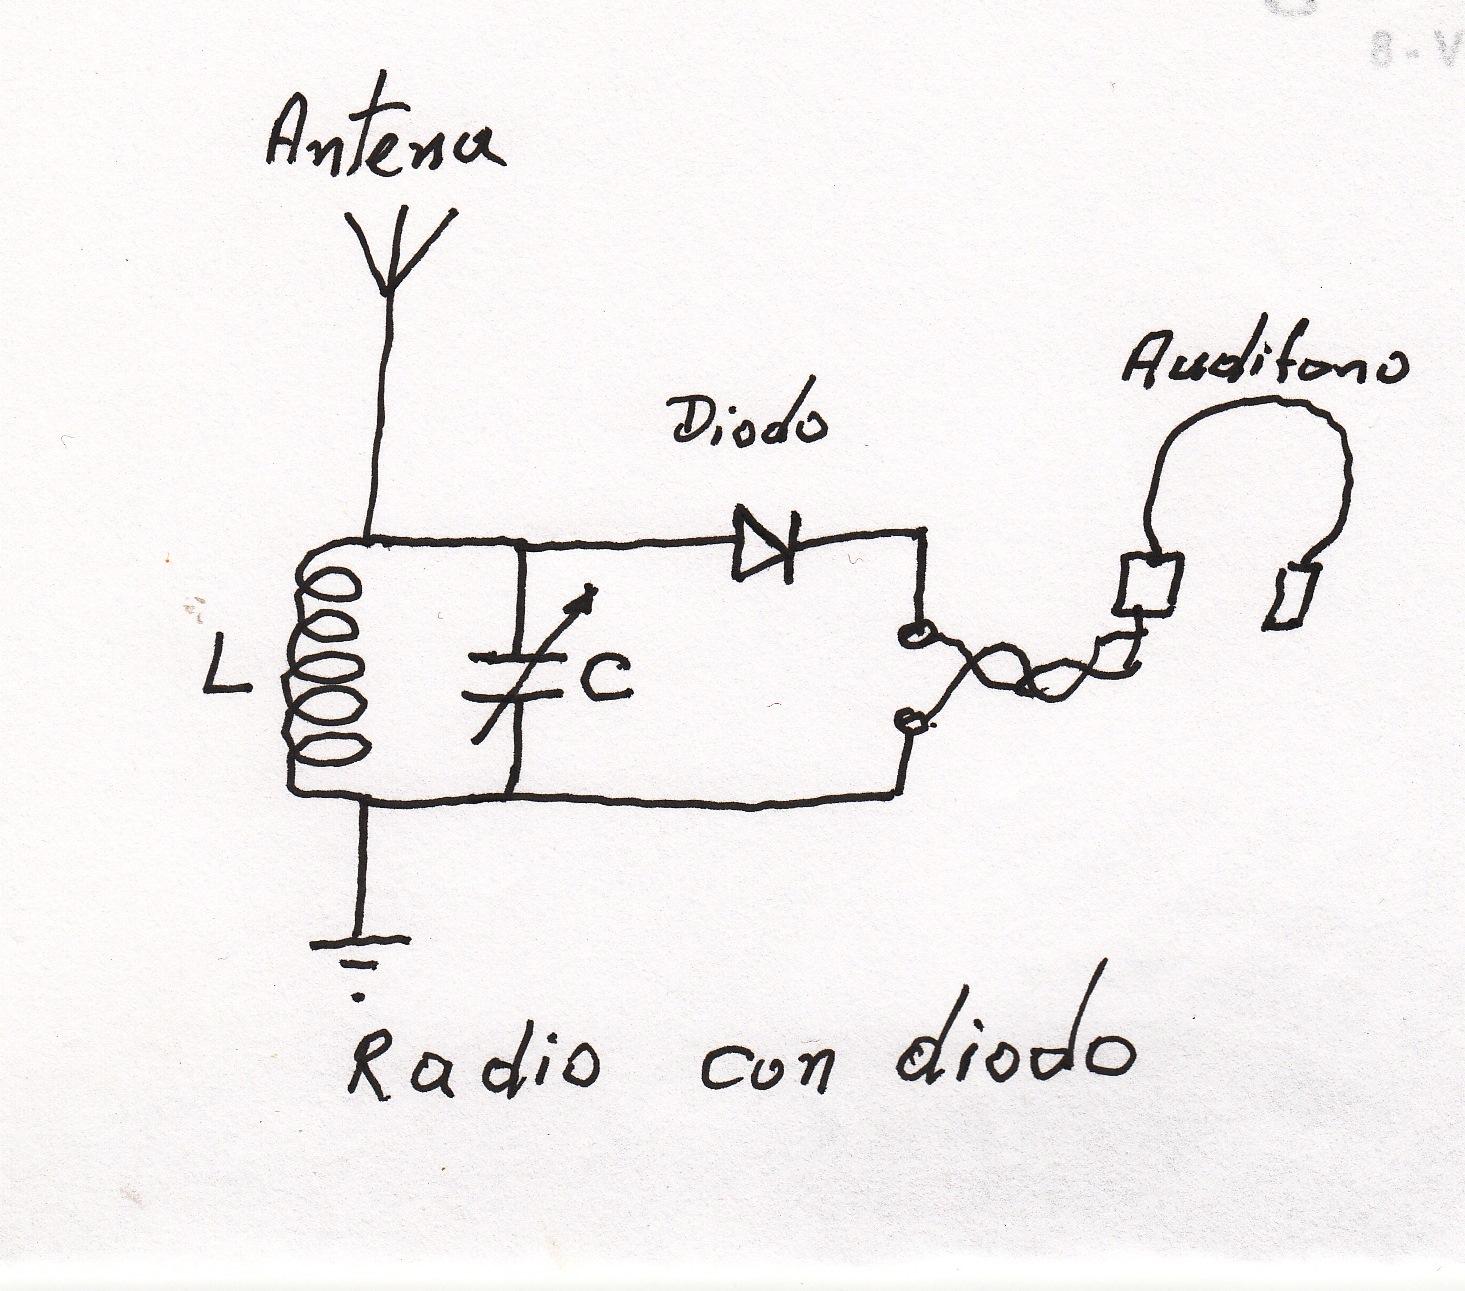 Circuito Sencillo : Receptores de radio hk3eu